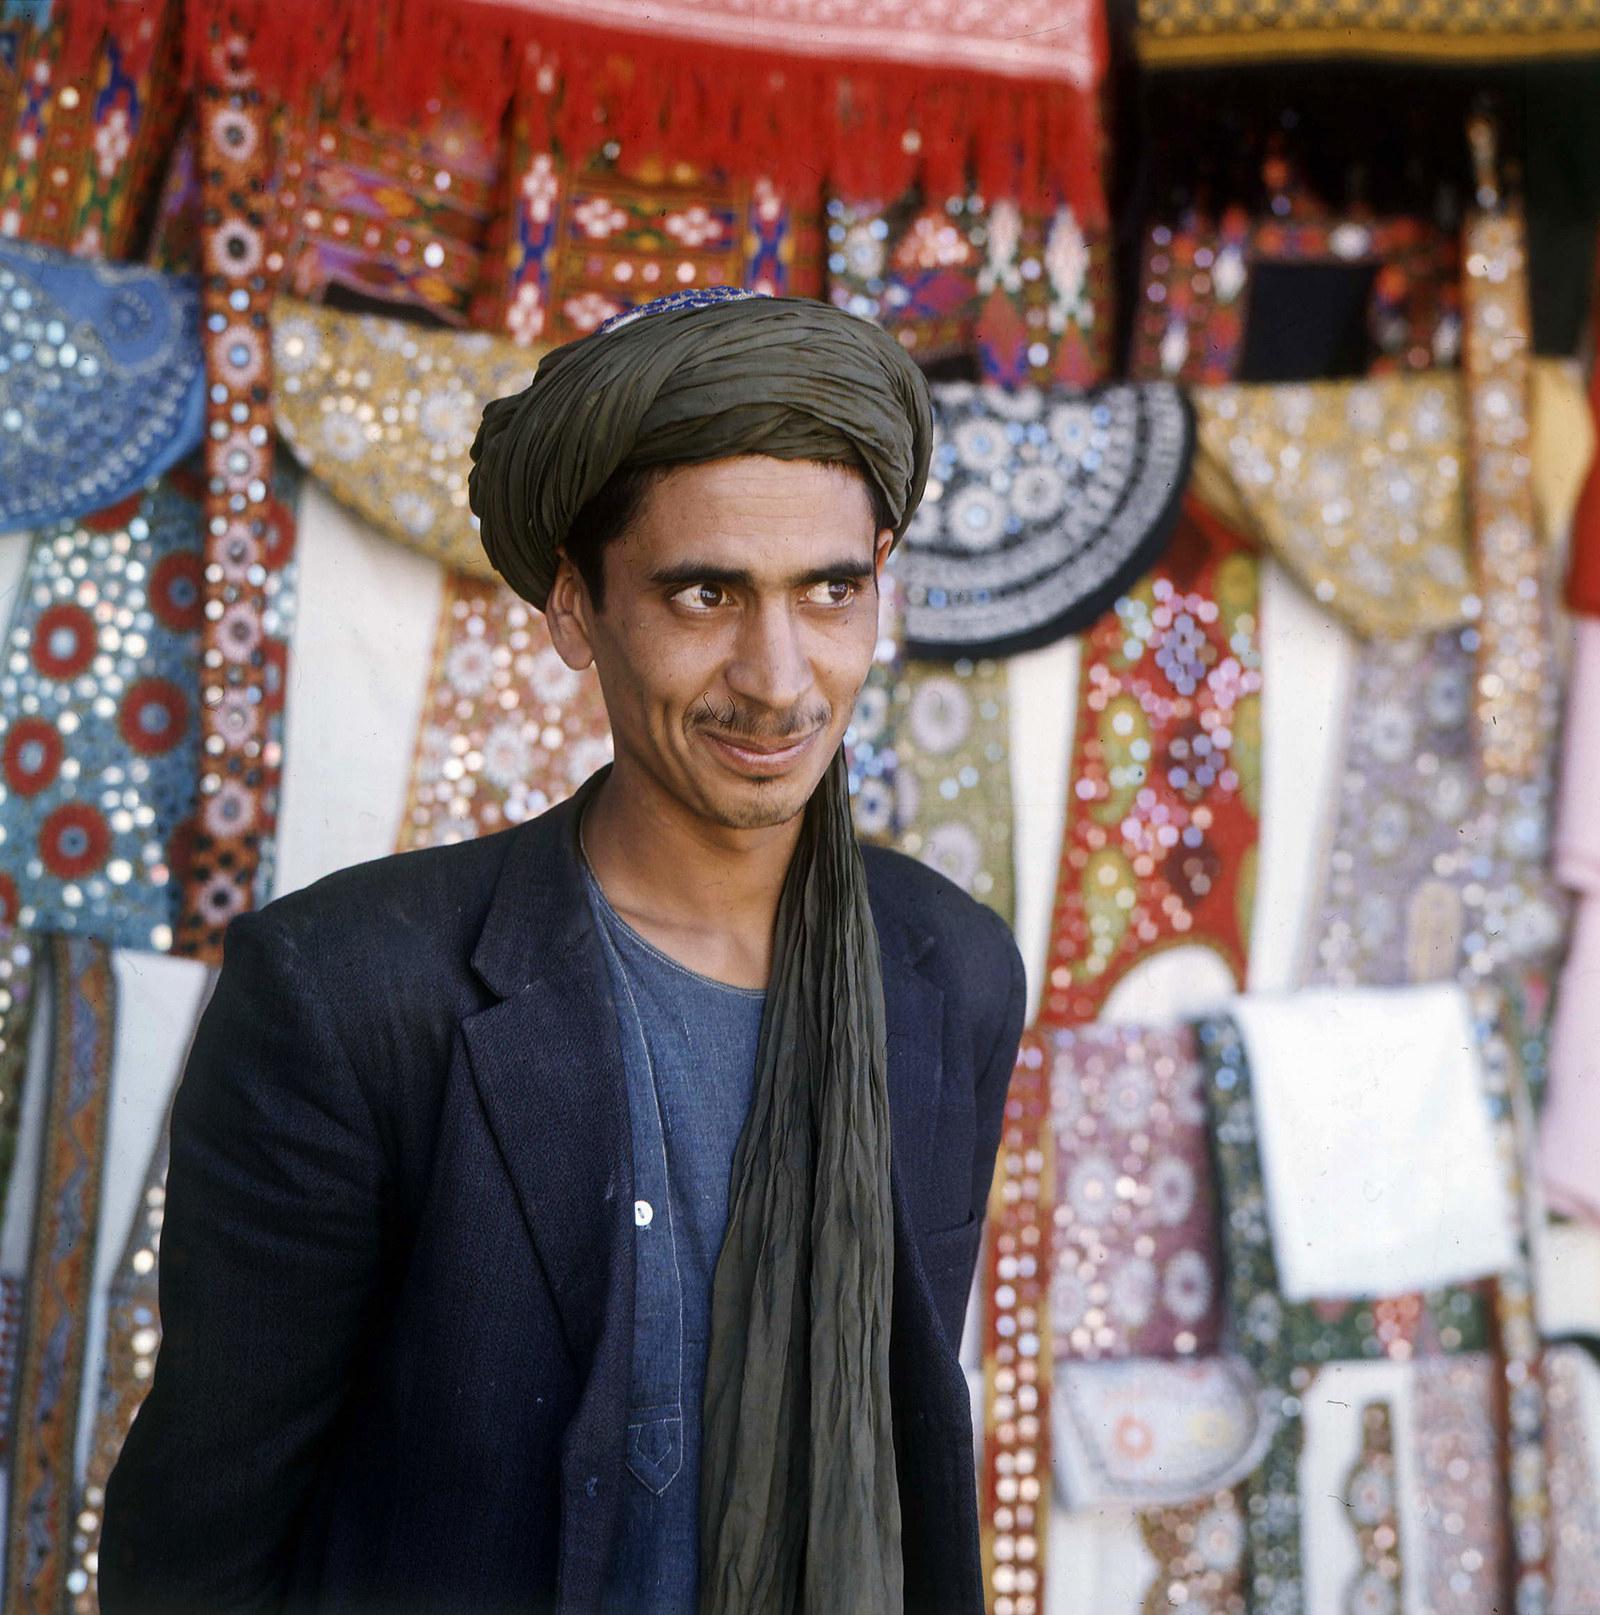 Торговец на рынке позирует для портрета, 1970